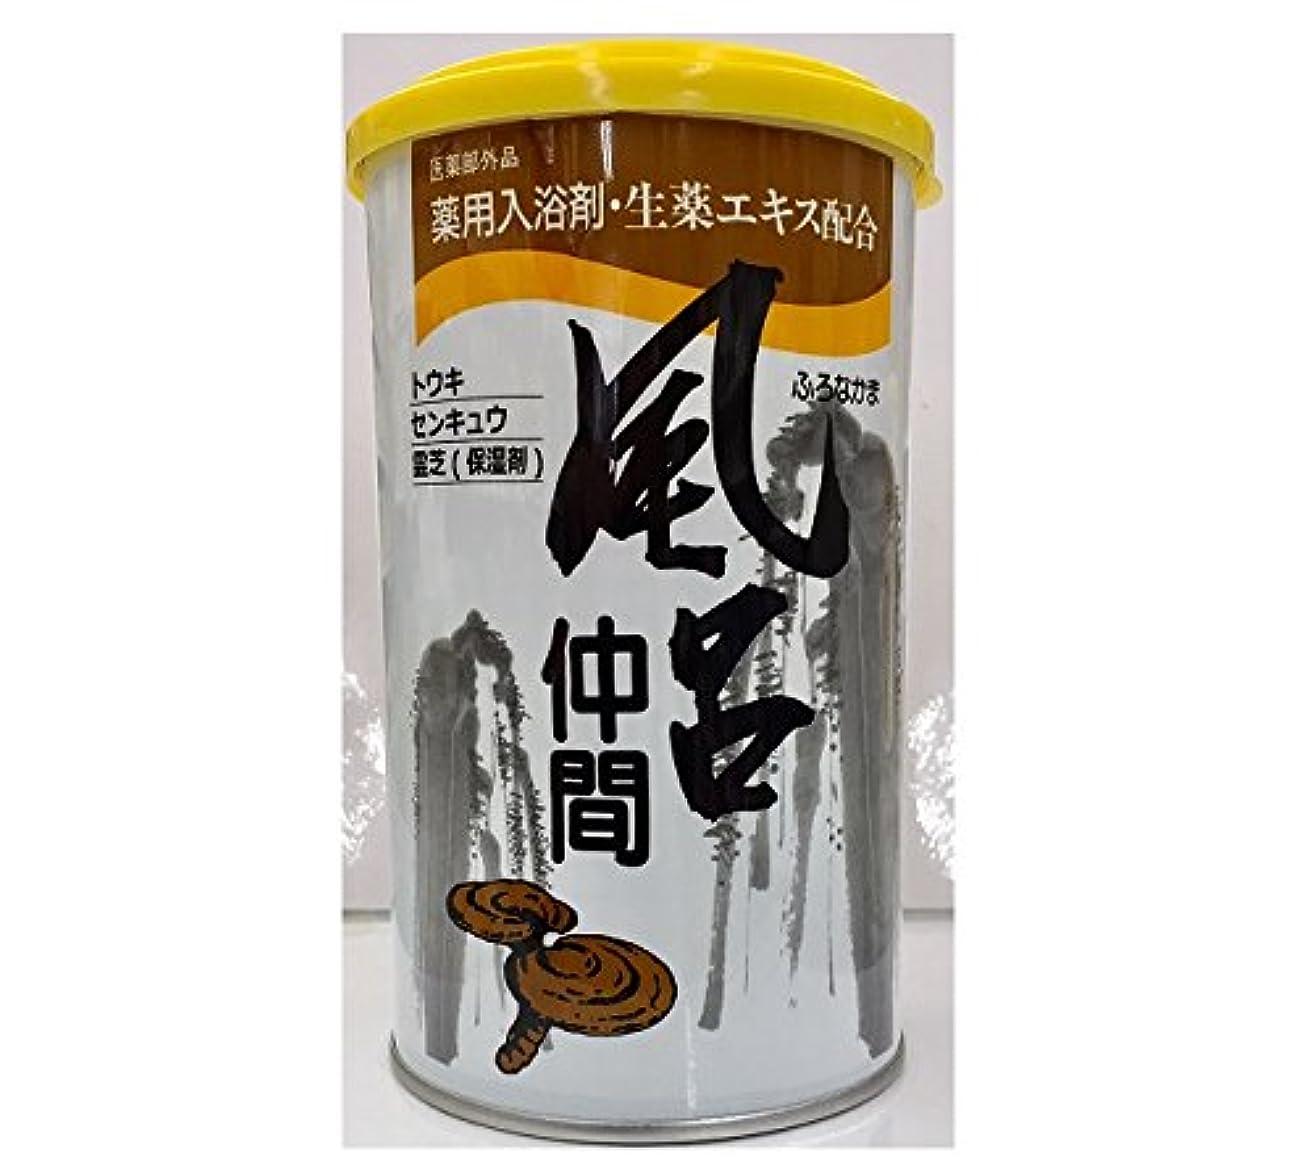 睡眠ゴルフ爆弾共立薬品工業 風呂仲間ボトル 900g [医薬部外品]